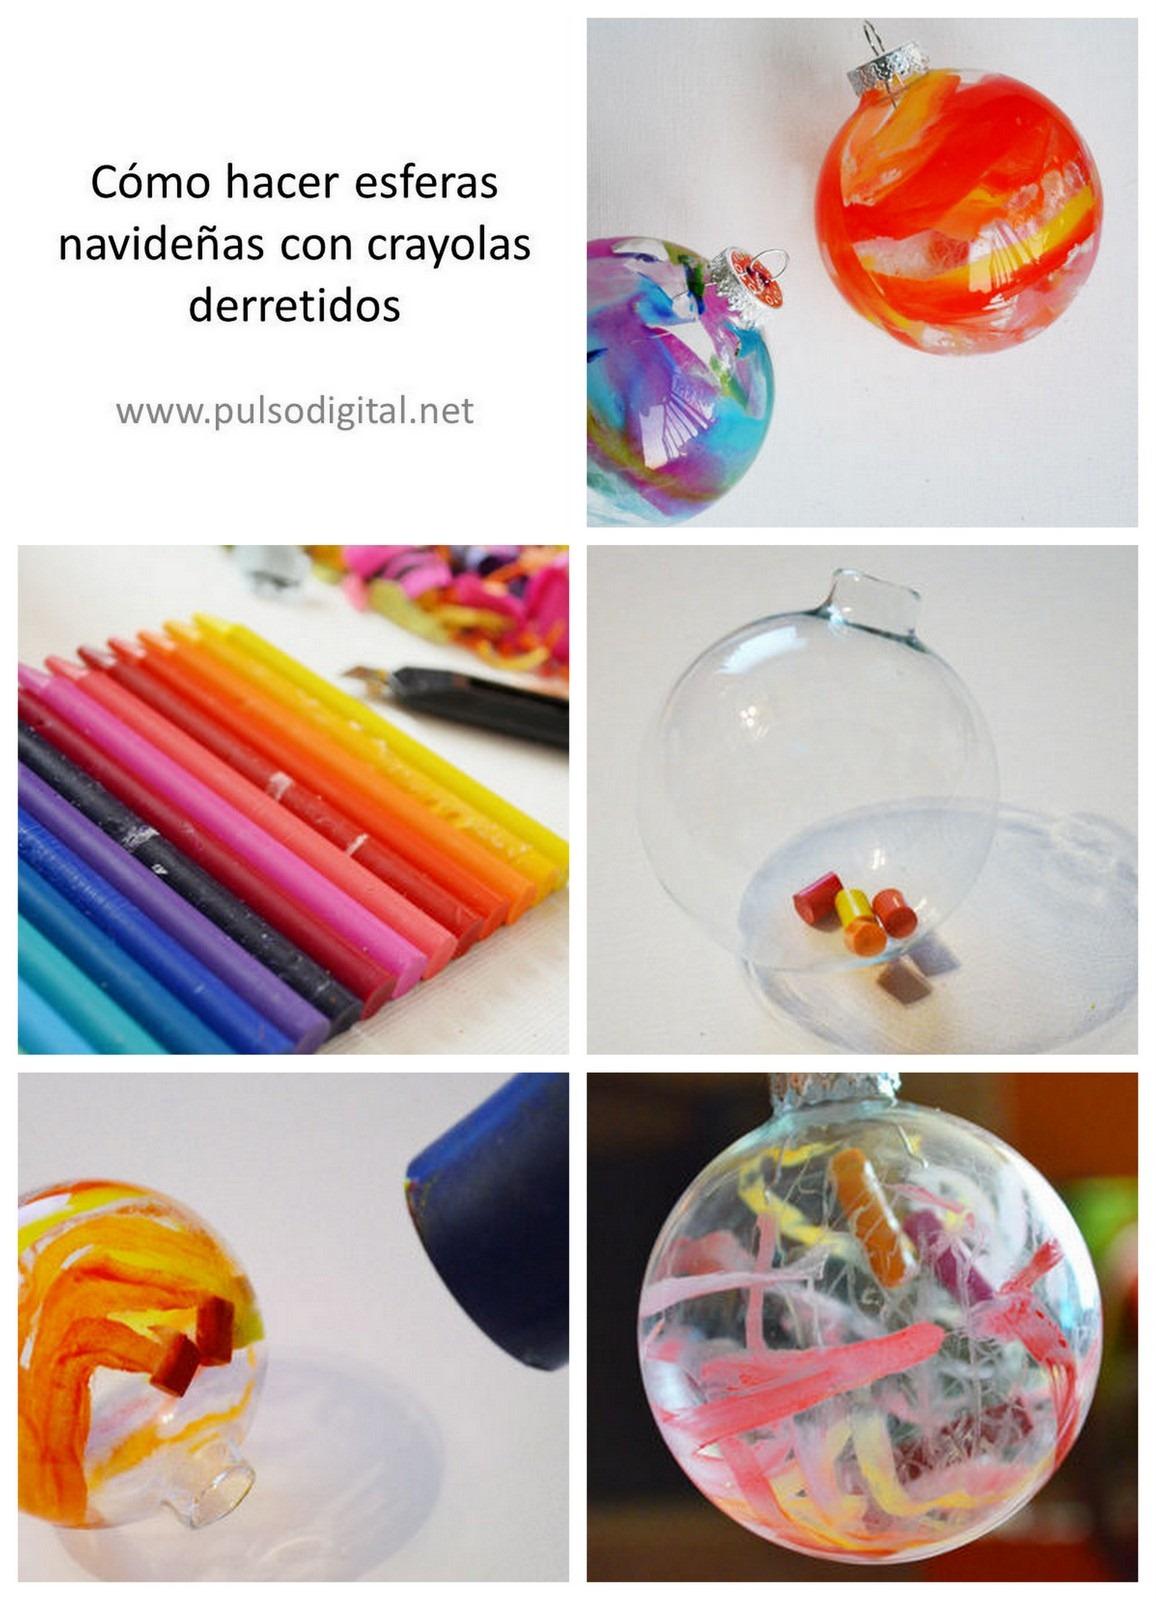 Cómo hacer esferas navideñas con crayolas derretidos